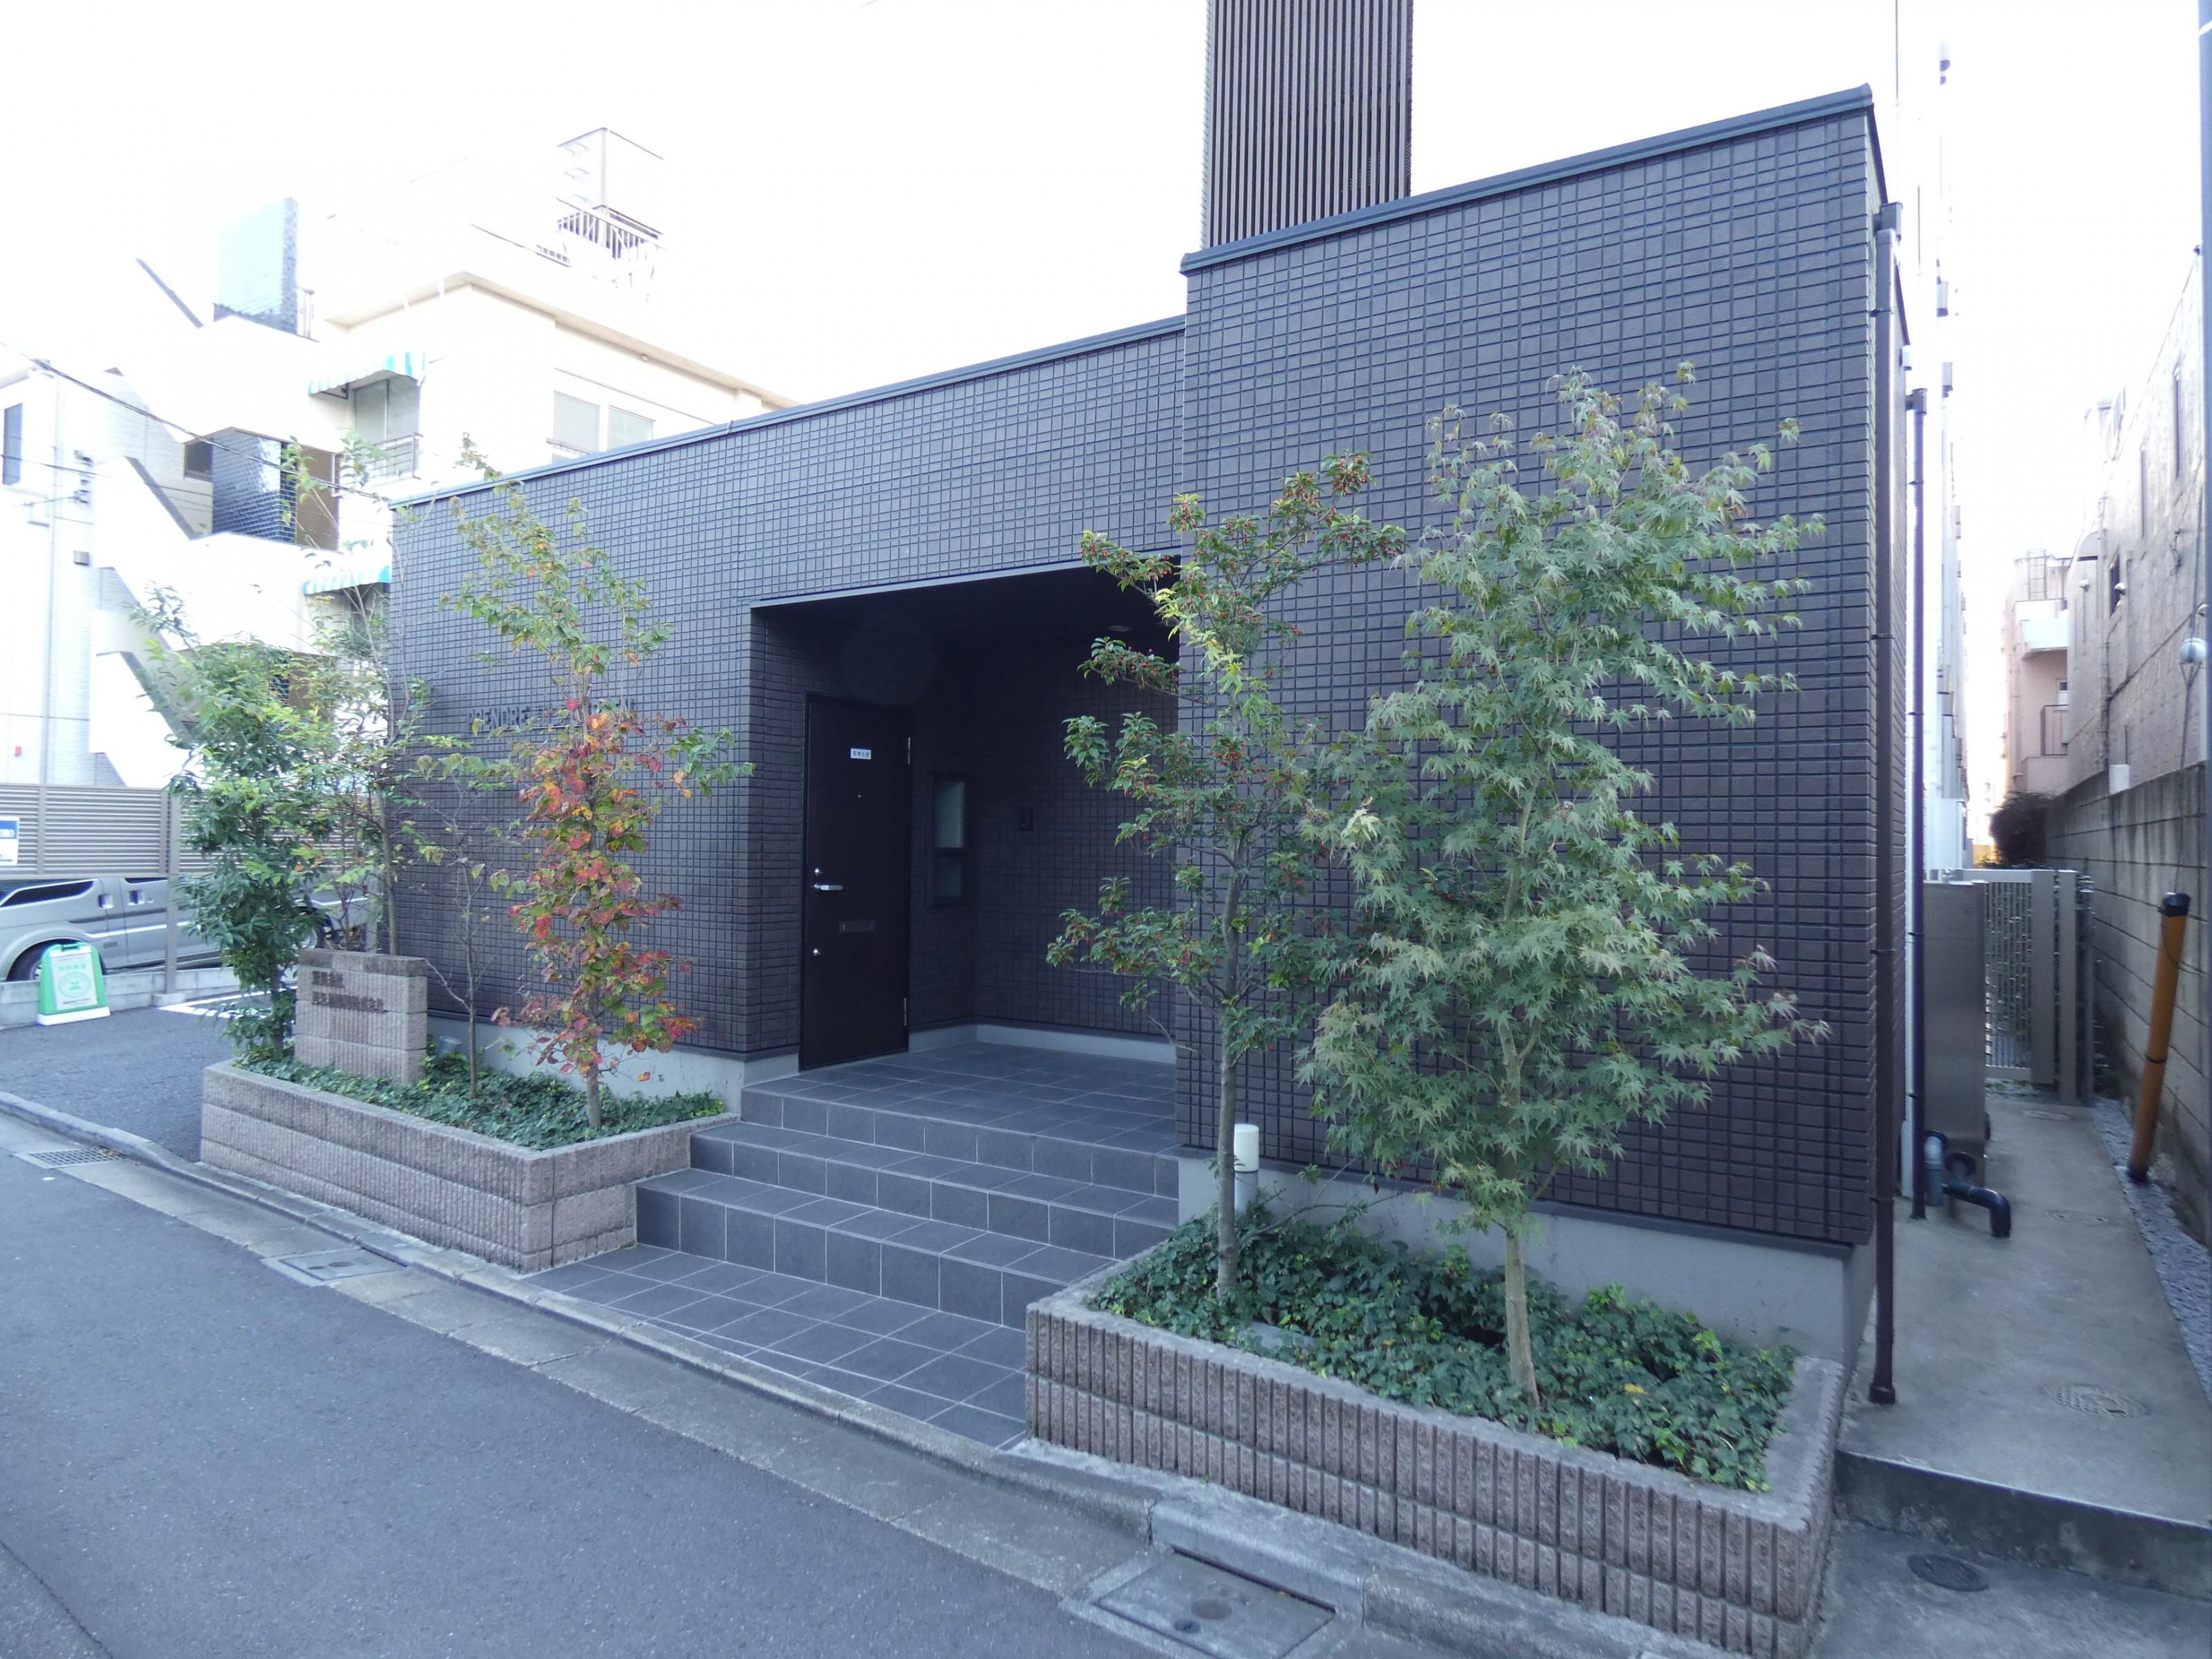 プランドール恵比寿ガーデンの建物写真その他2